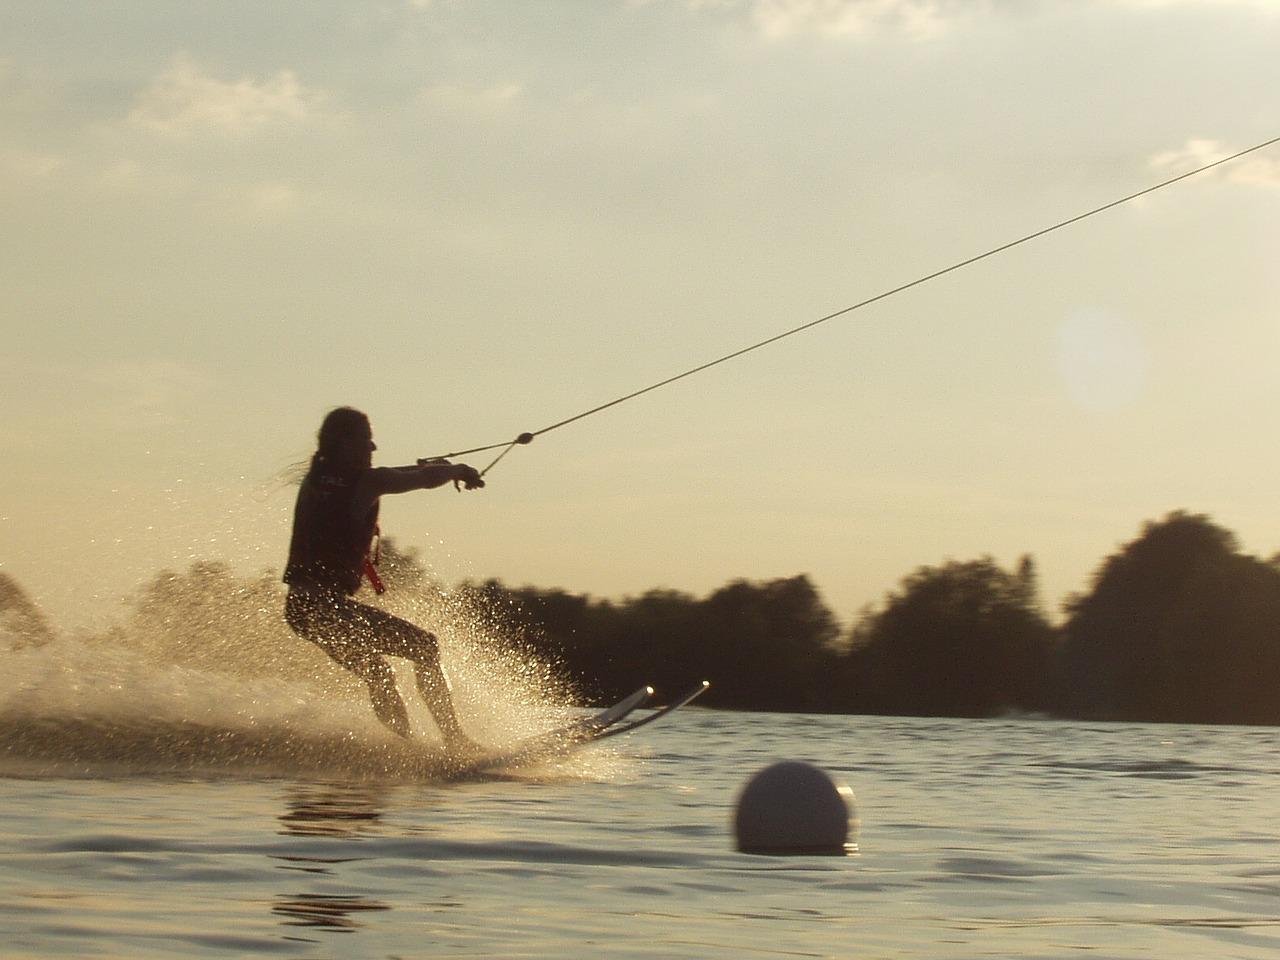 esqui aquatico